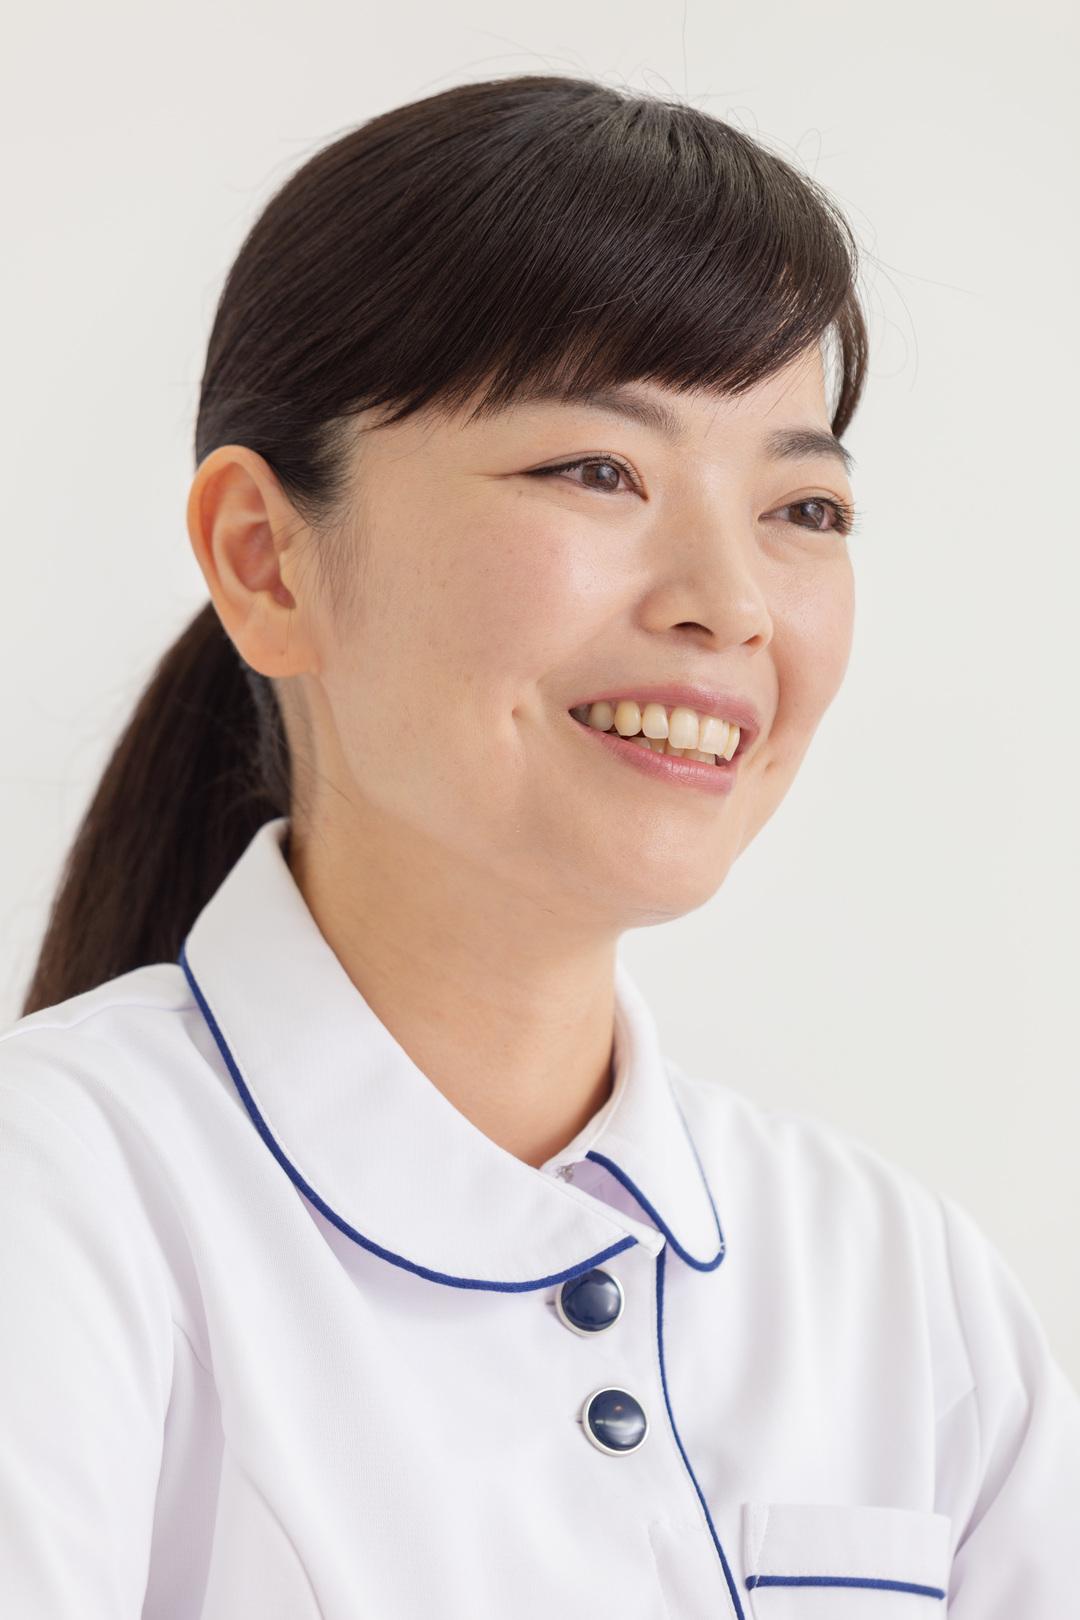 1000人の看取りに接した看護師が伝える、<br />苦しみのない穏やかな最期を迎えたい人に、絶対に知っておいてほしいこと